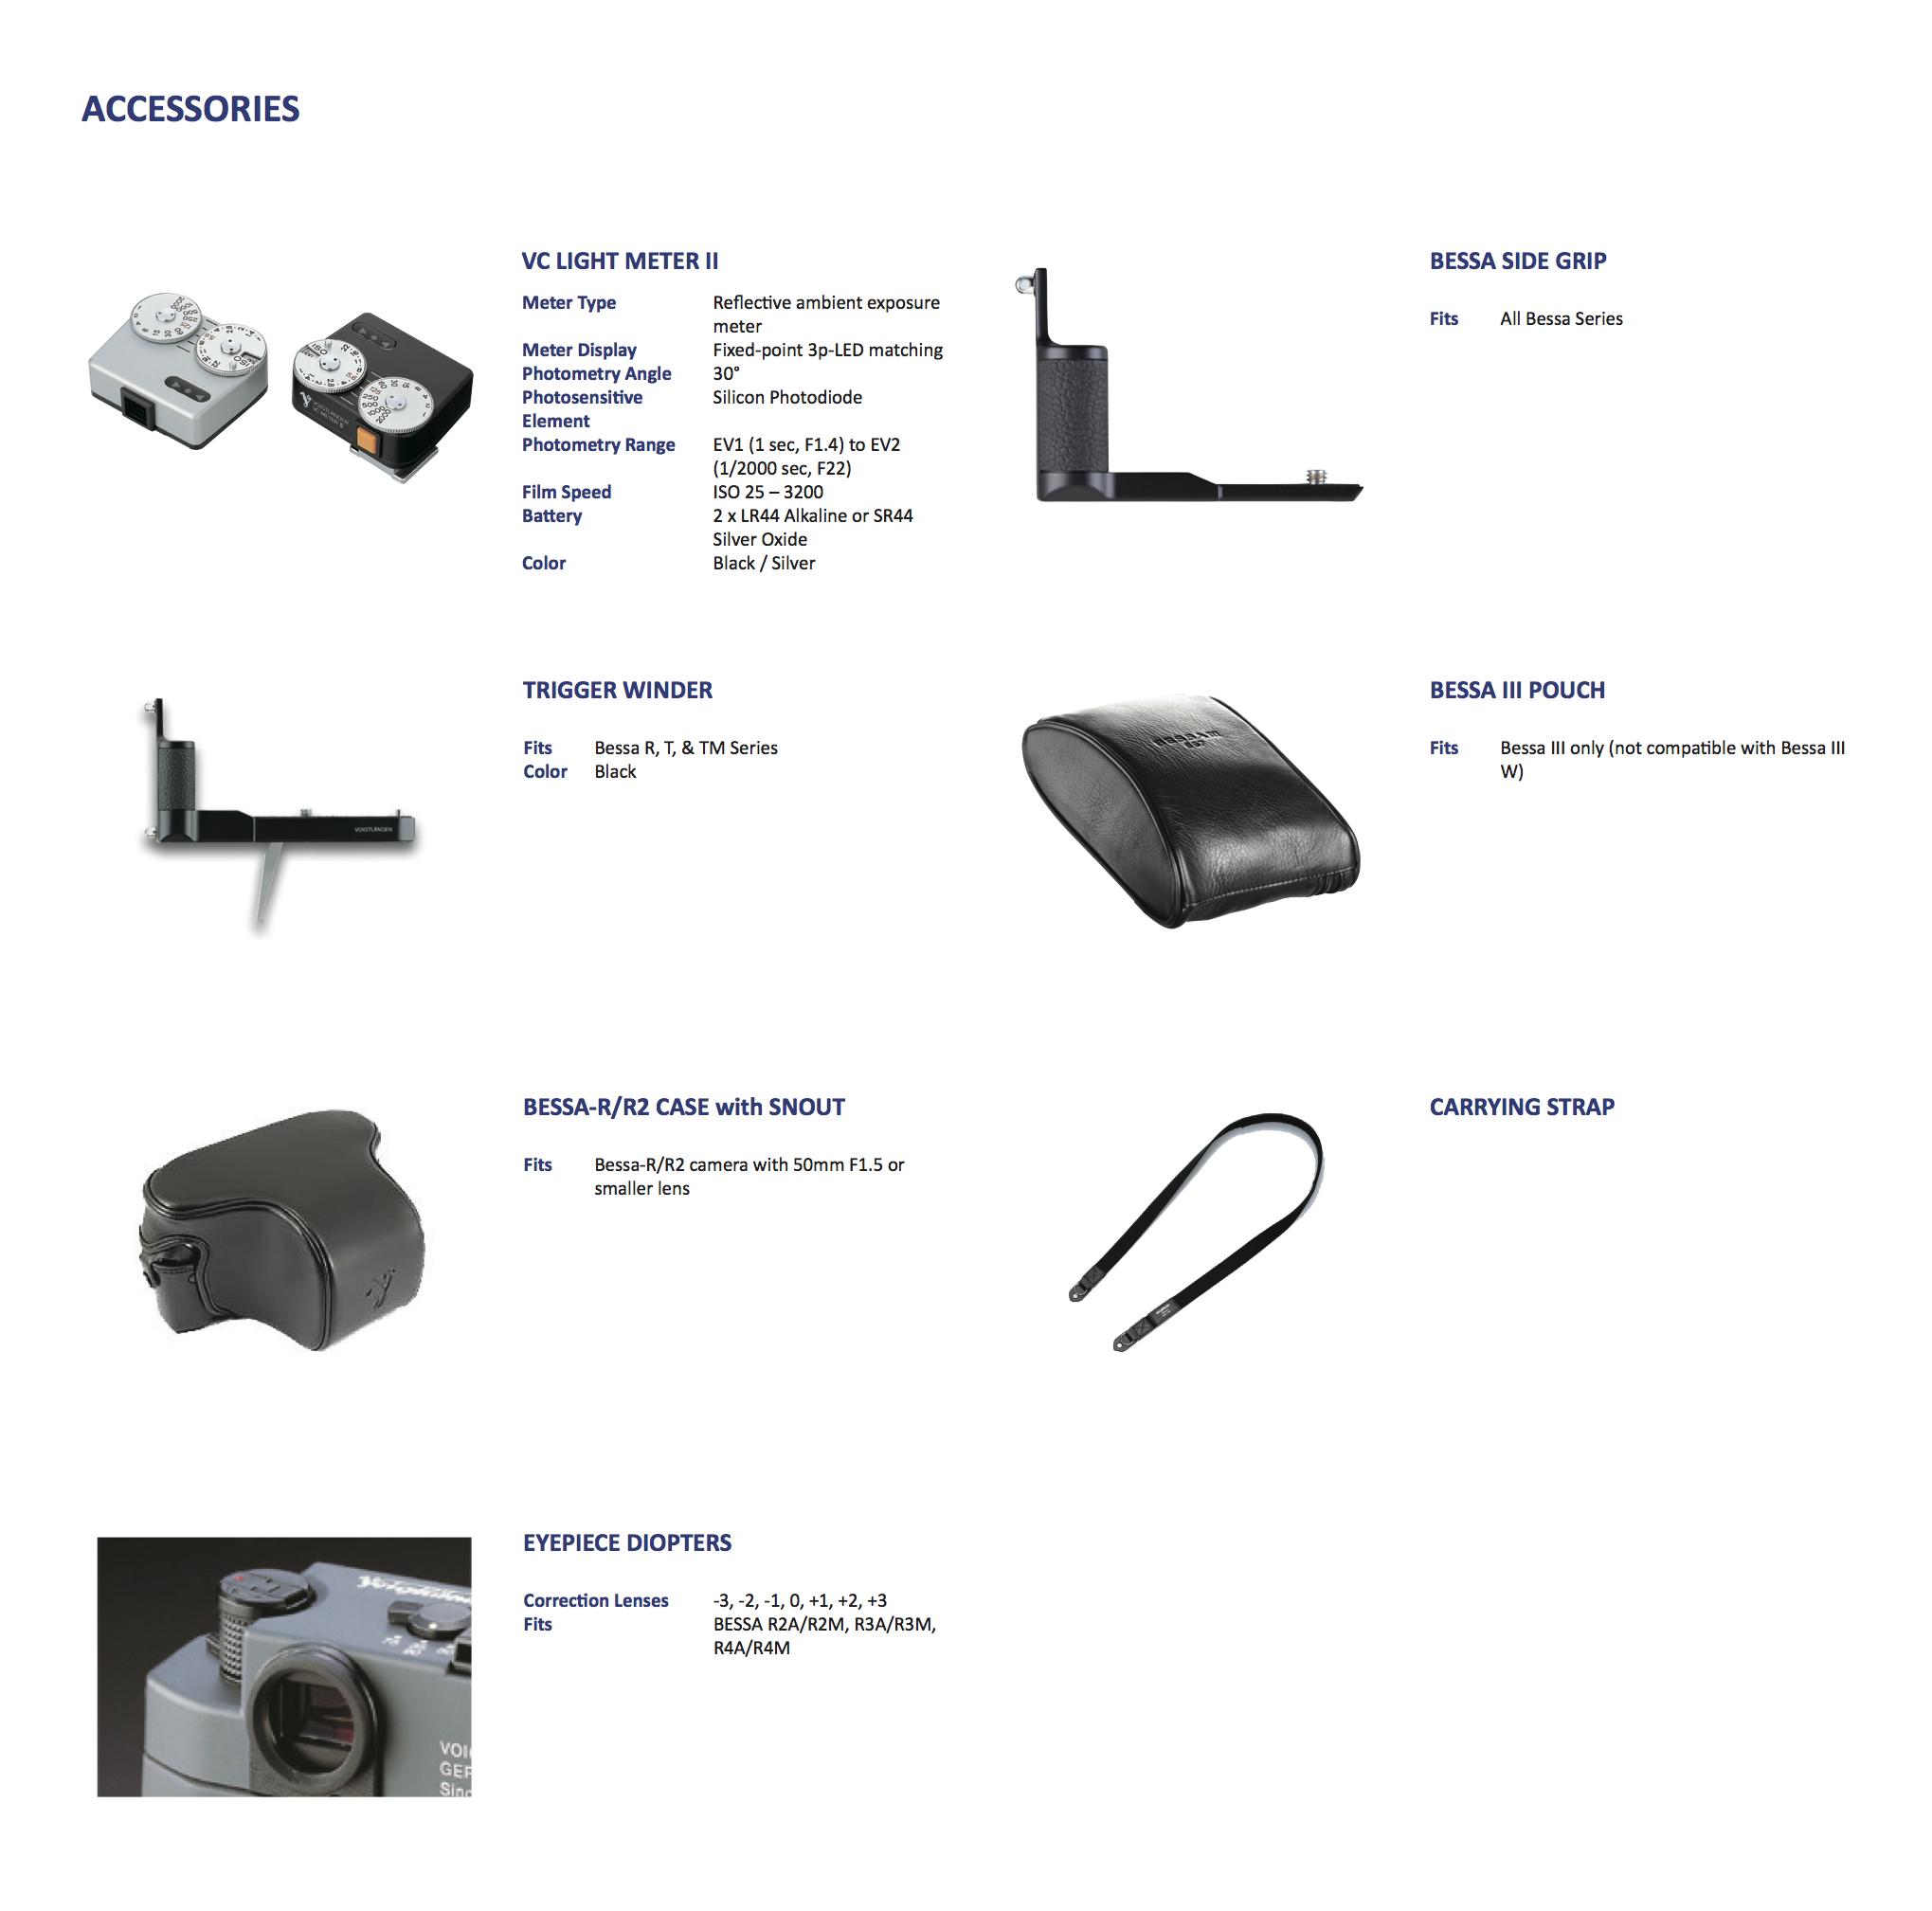 voigtlander_accessories